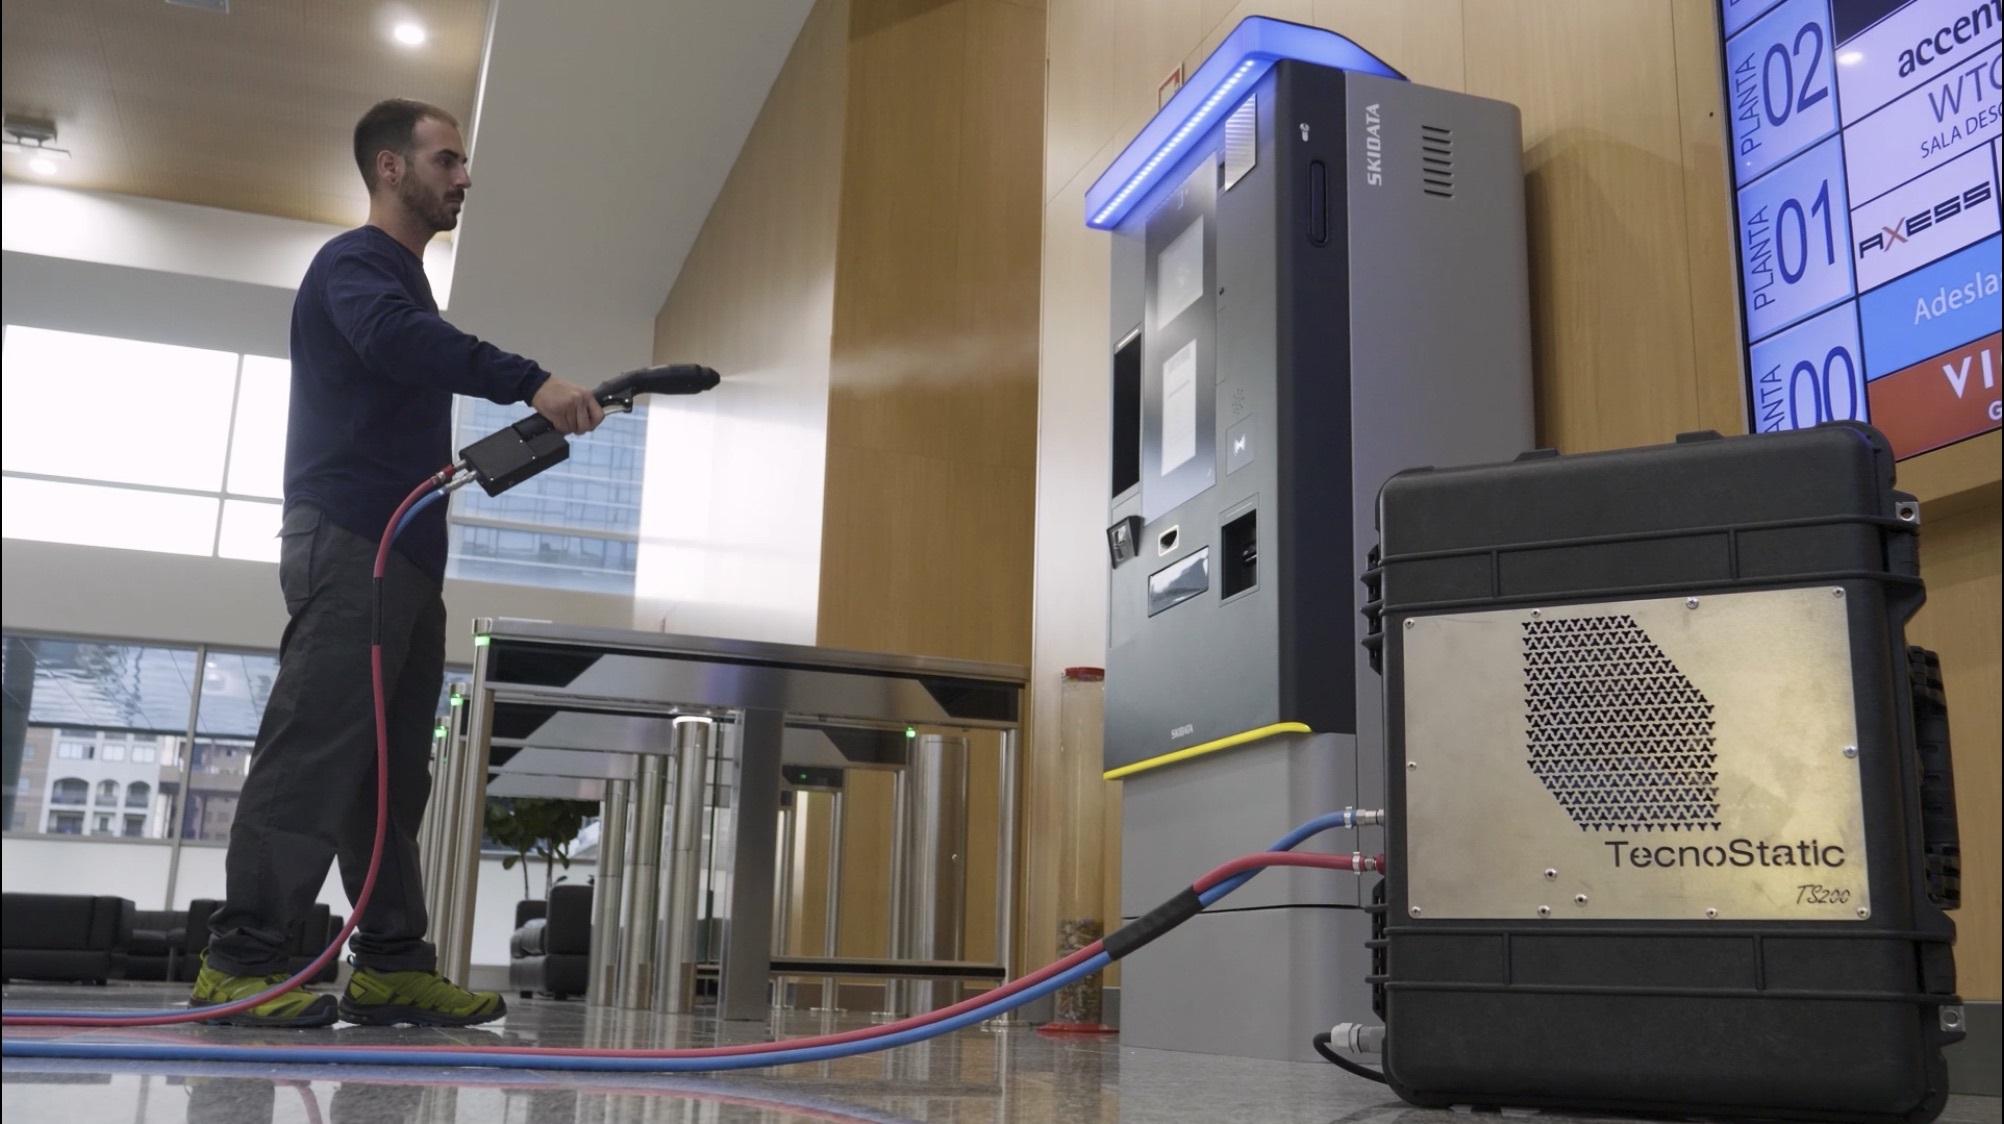 TecnoStatic ha desarrollado, junto a ITAINNOVA, innovadores equipos de pulverización electrostática para la desinfección de superficies